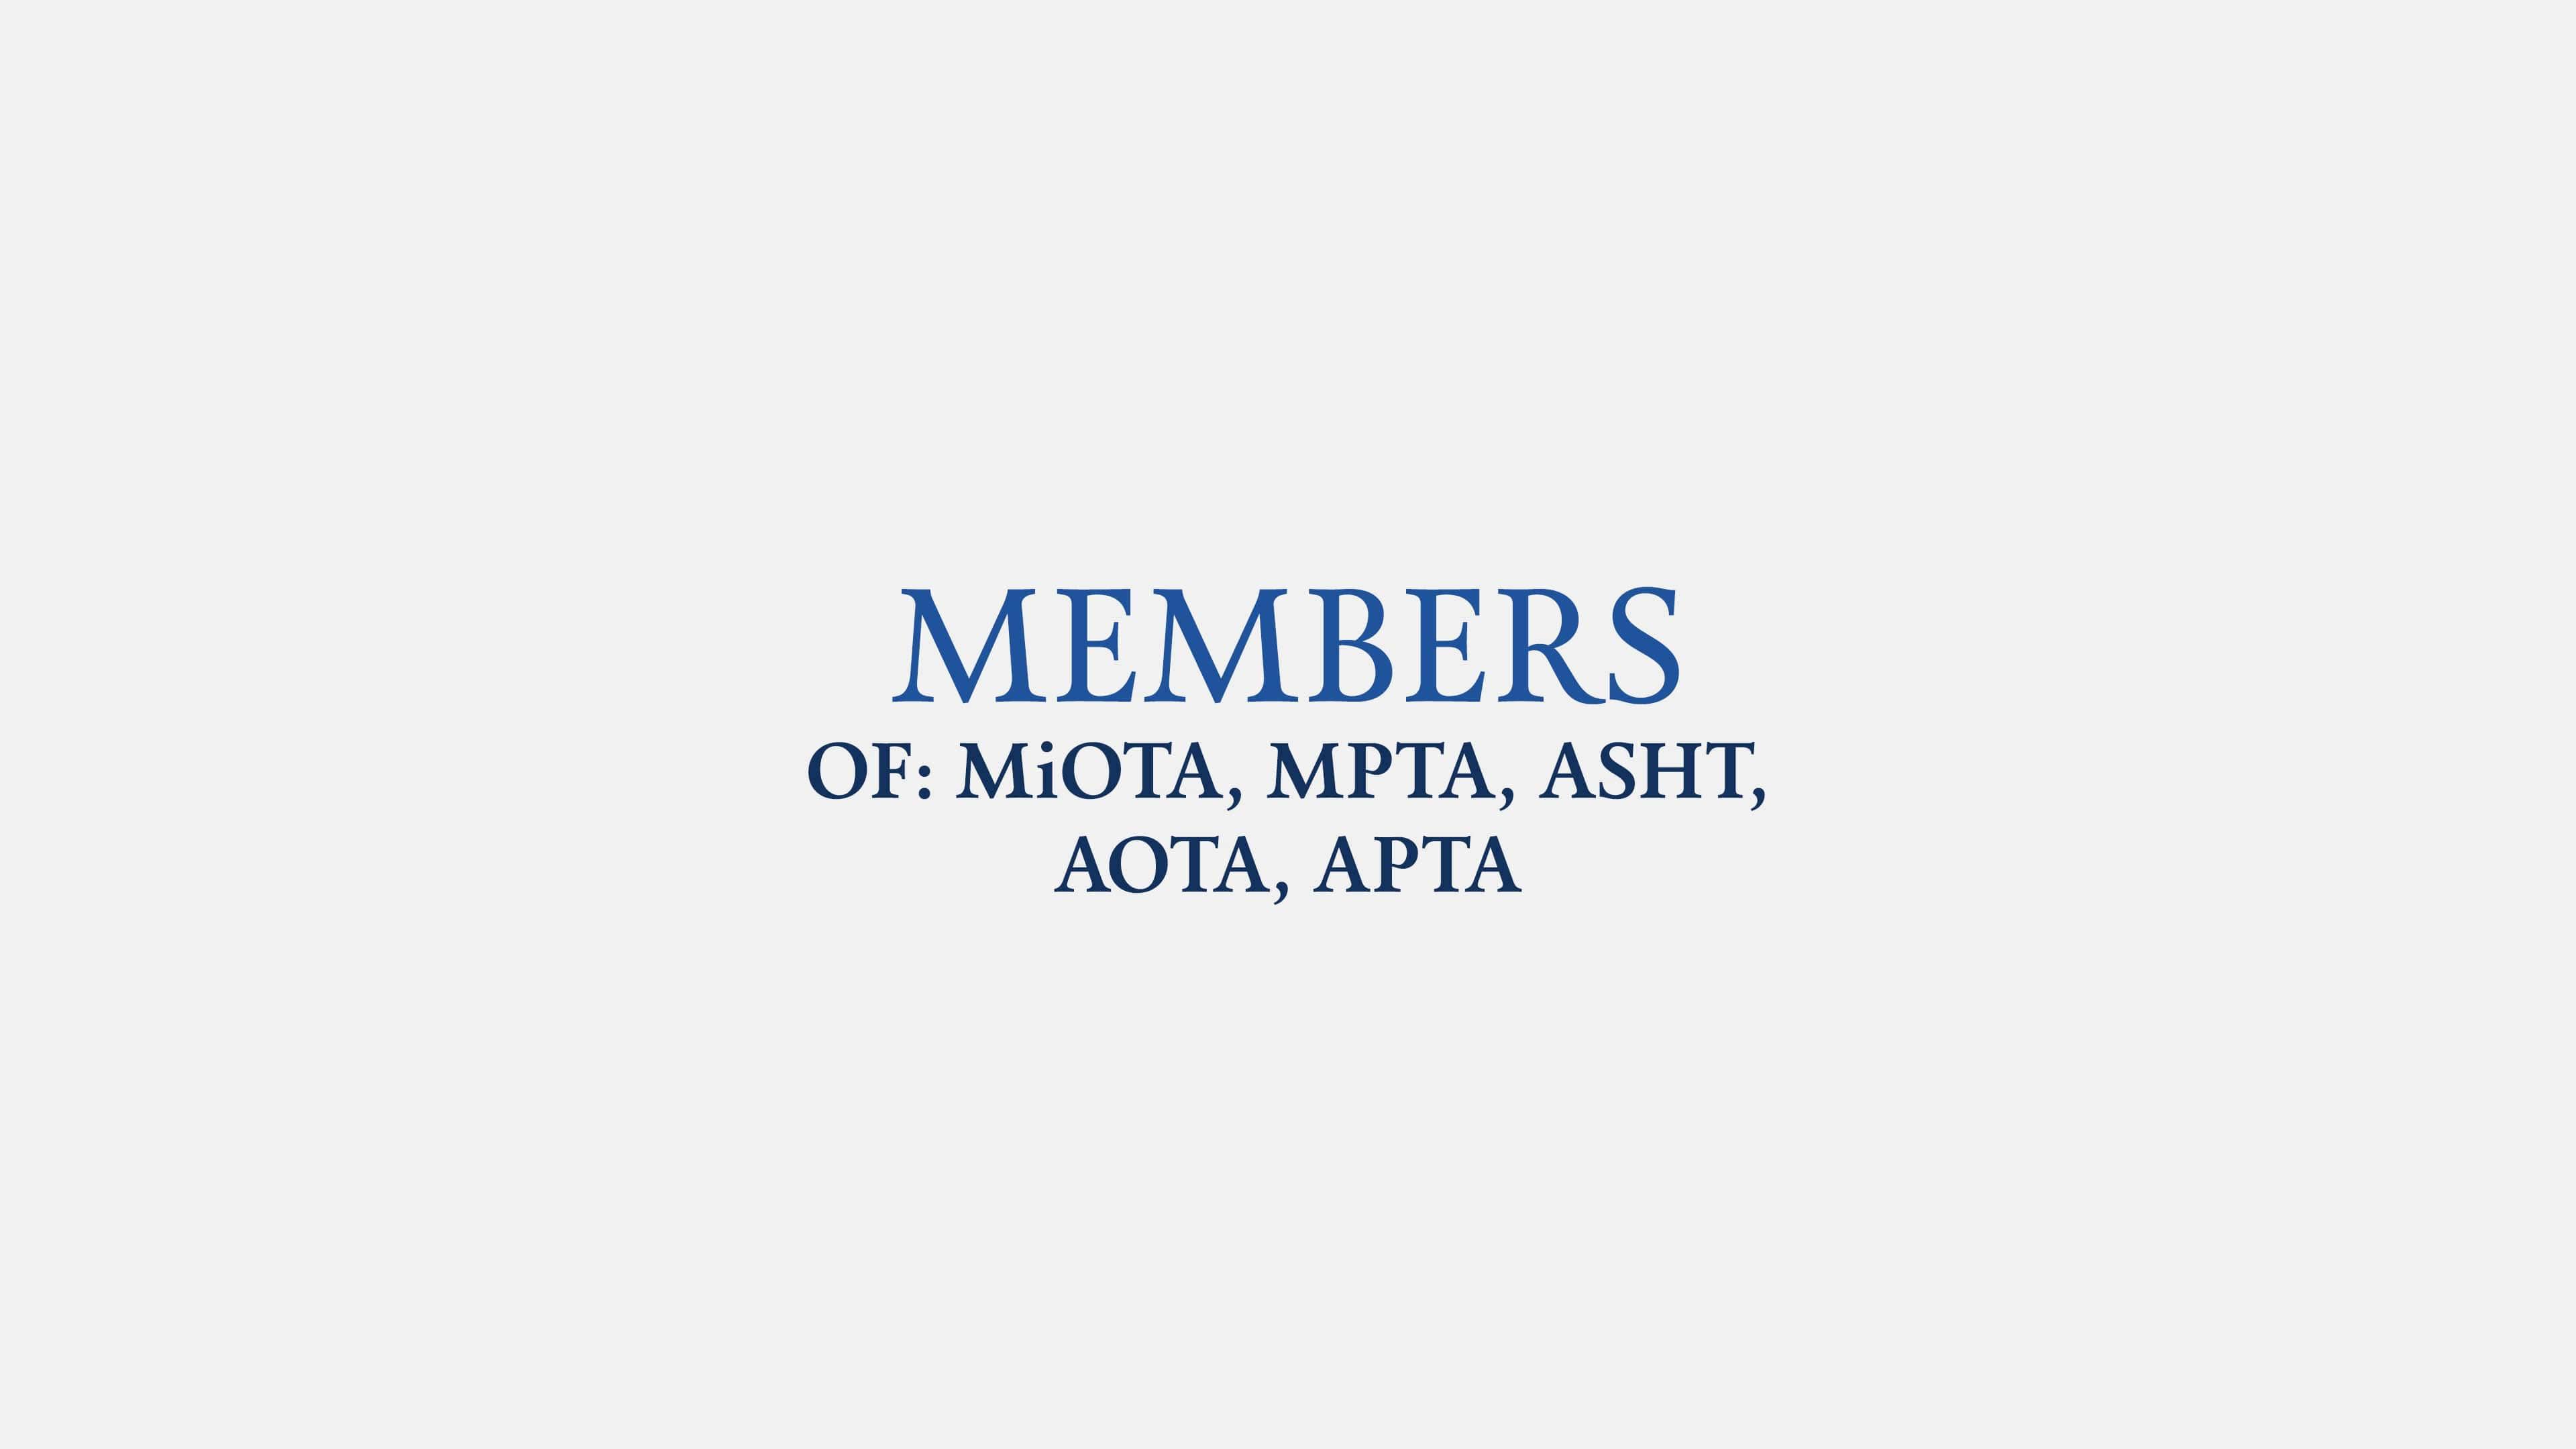 MISHT-Members-min